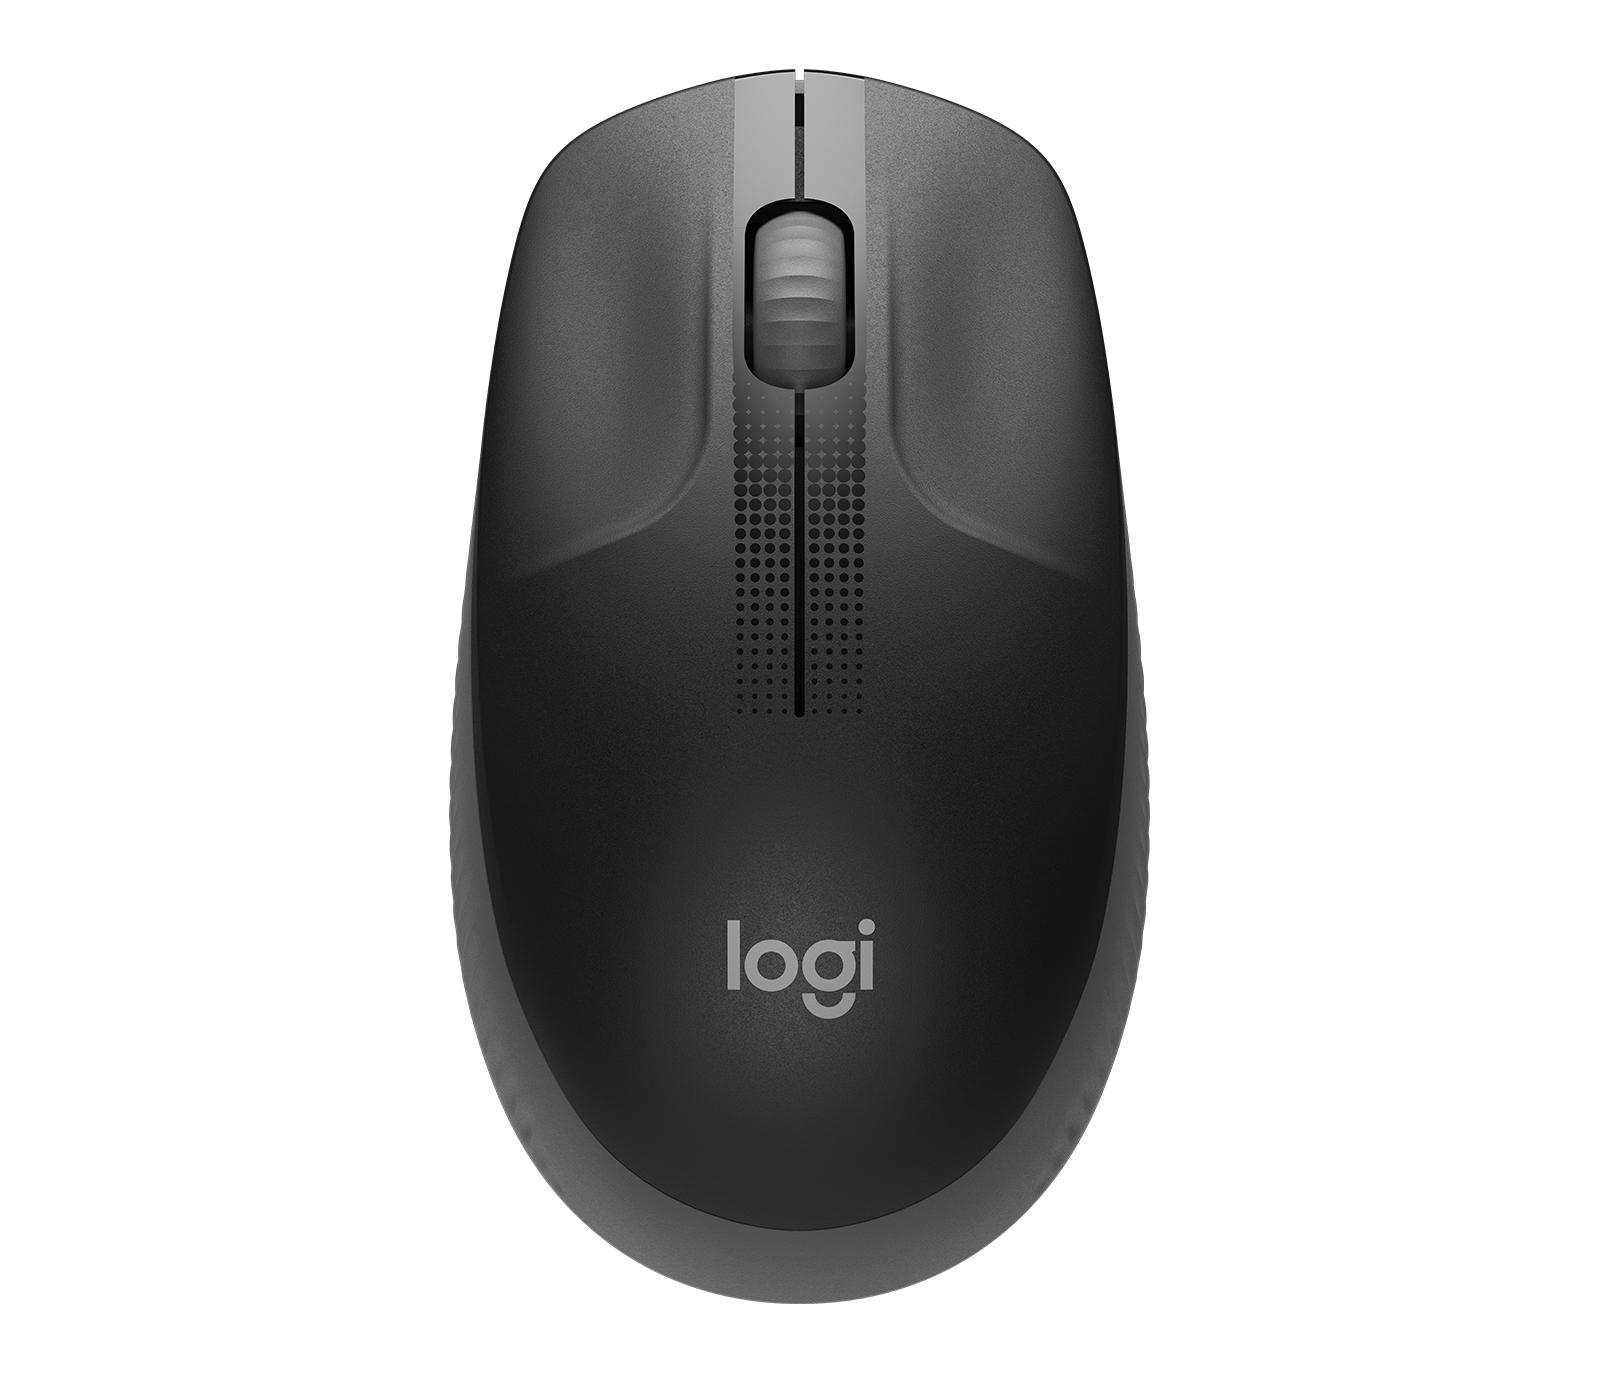 Logitech M190 ratón RF inalámbrico Óptico 1000 DPI Ambidextro